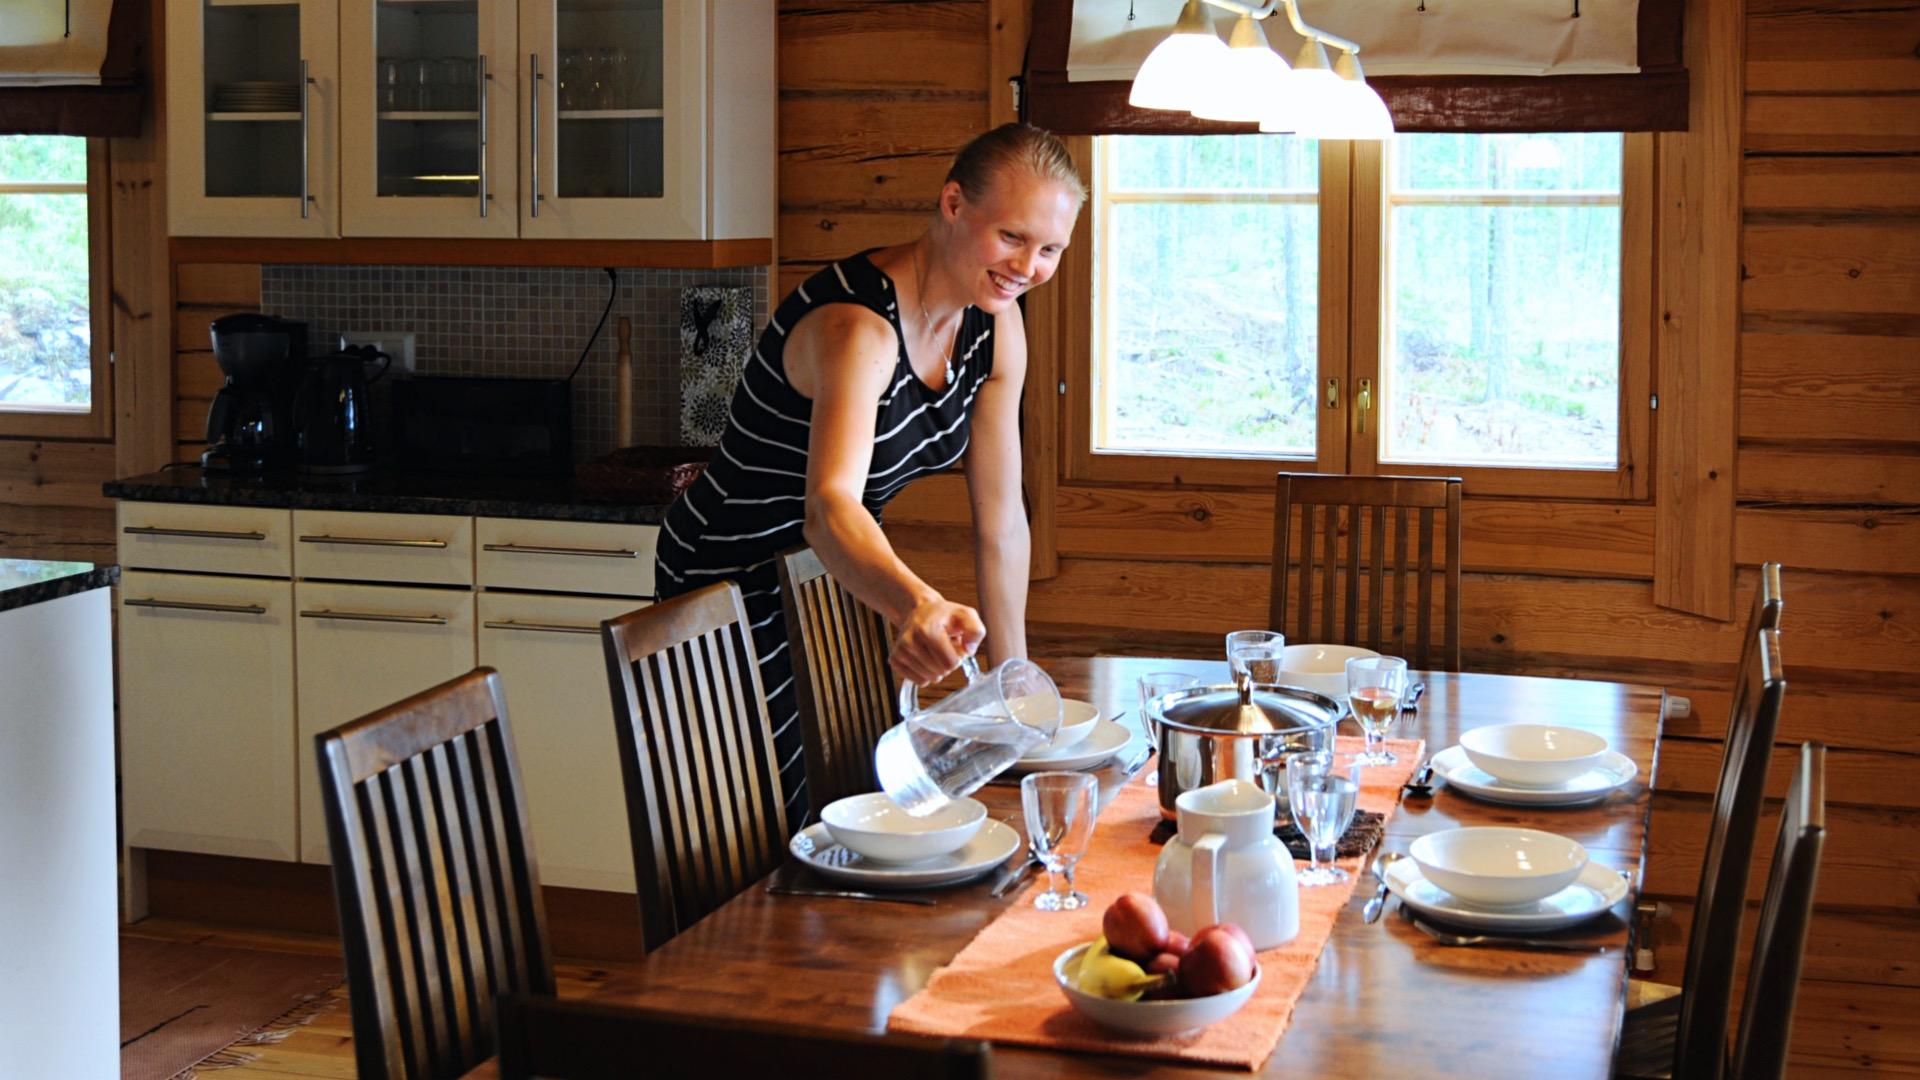 Коттедж Локкеро - прочный бревенчатый коттедж для аренды, находящийся на берегу крупнейшего в Финляндии озера Сайма